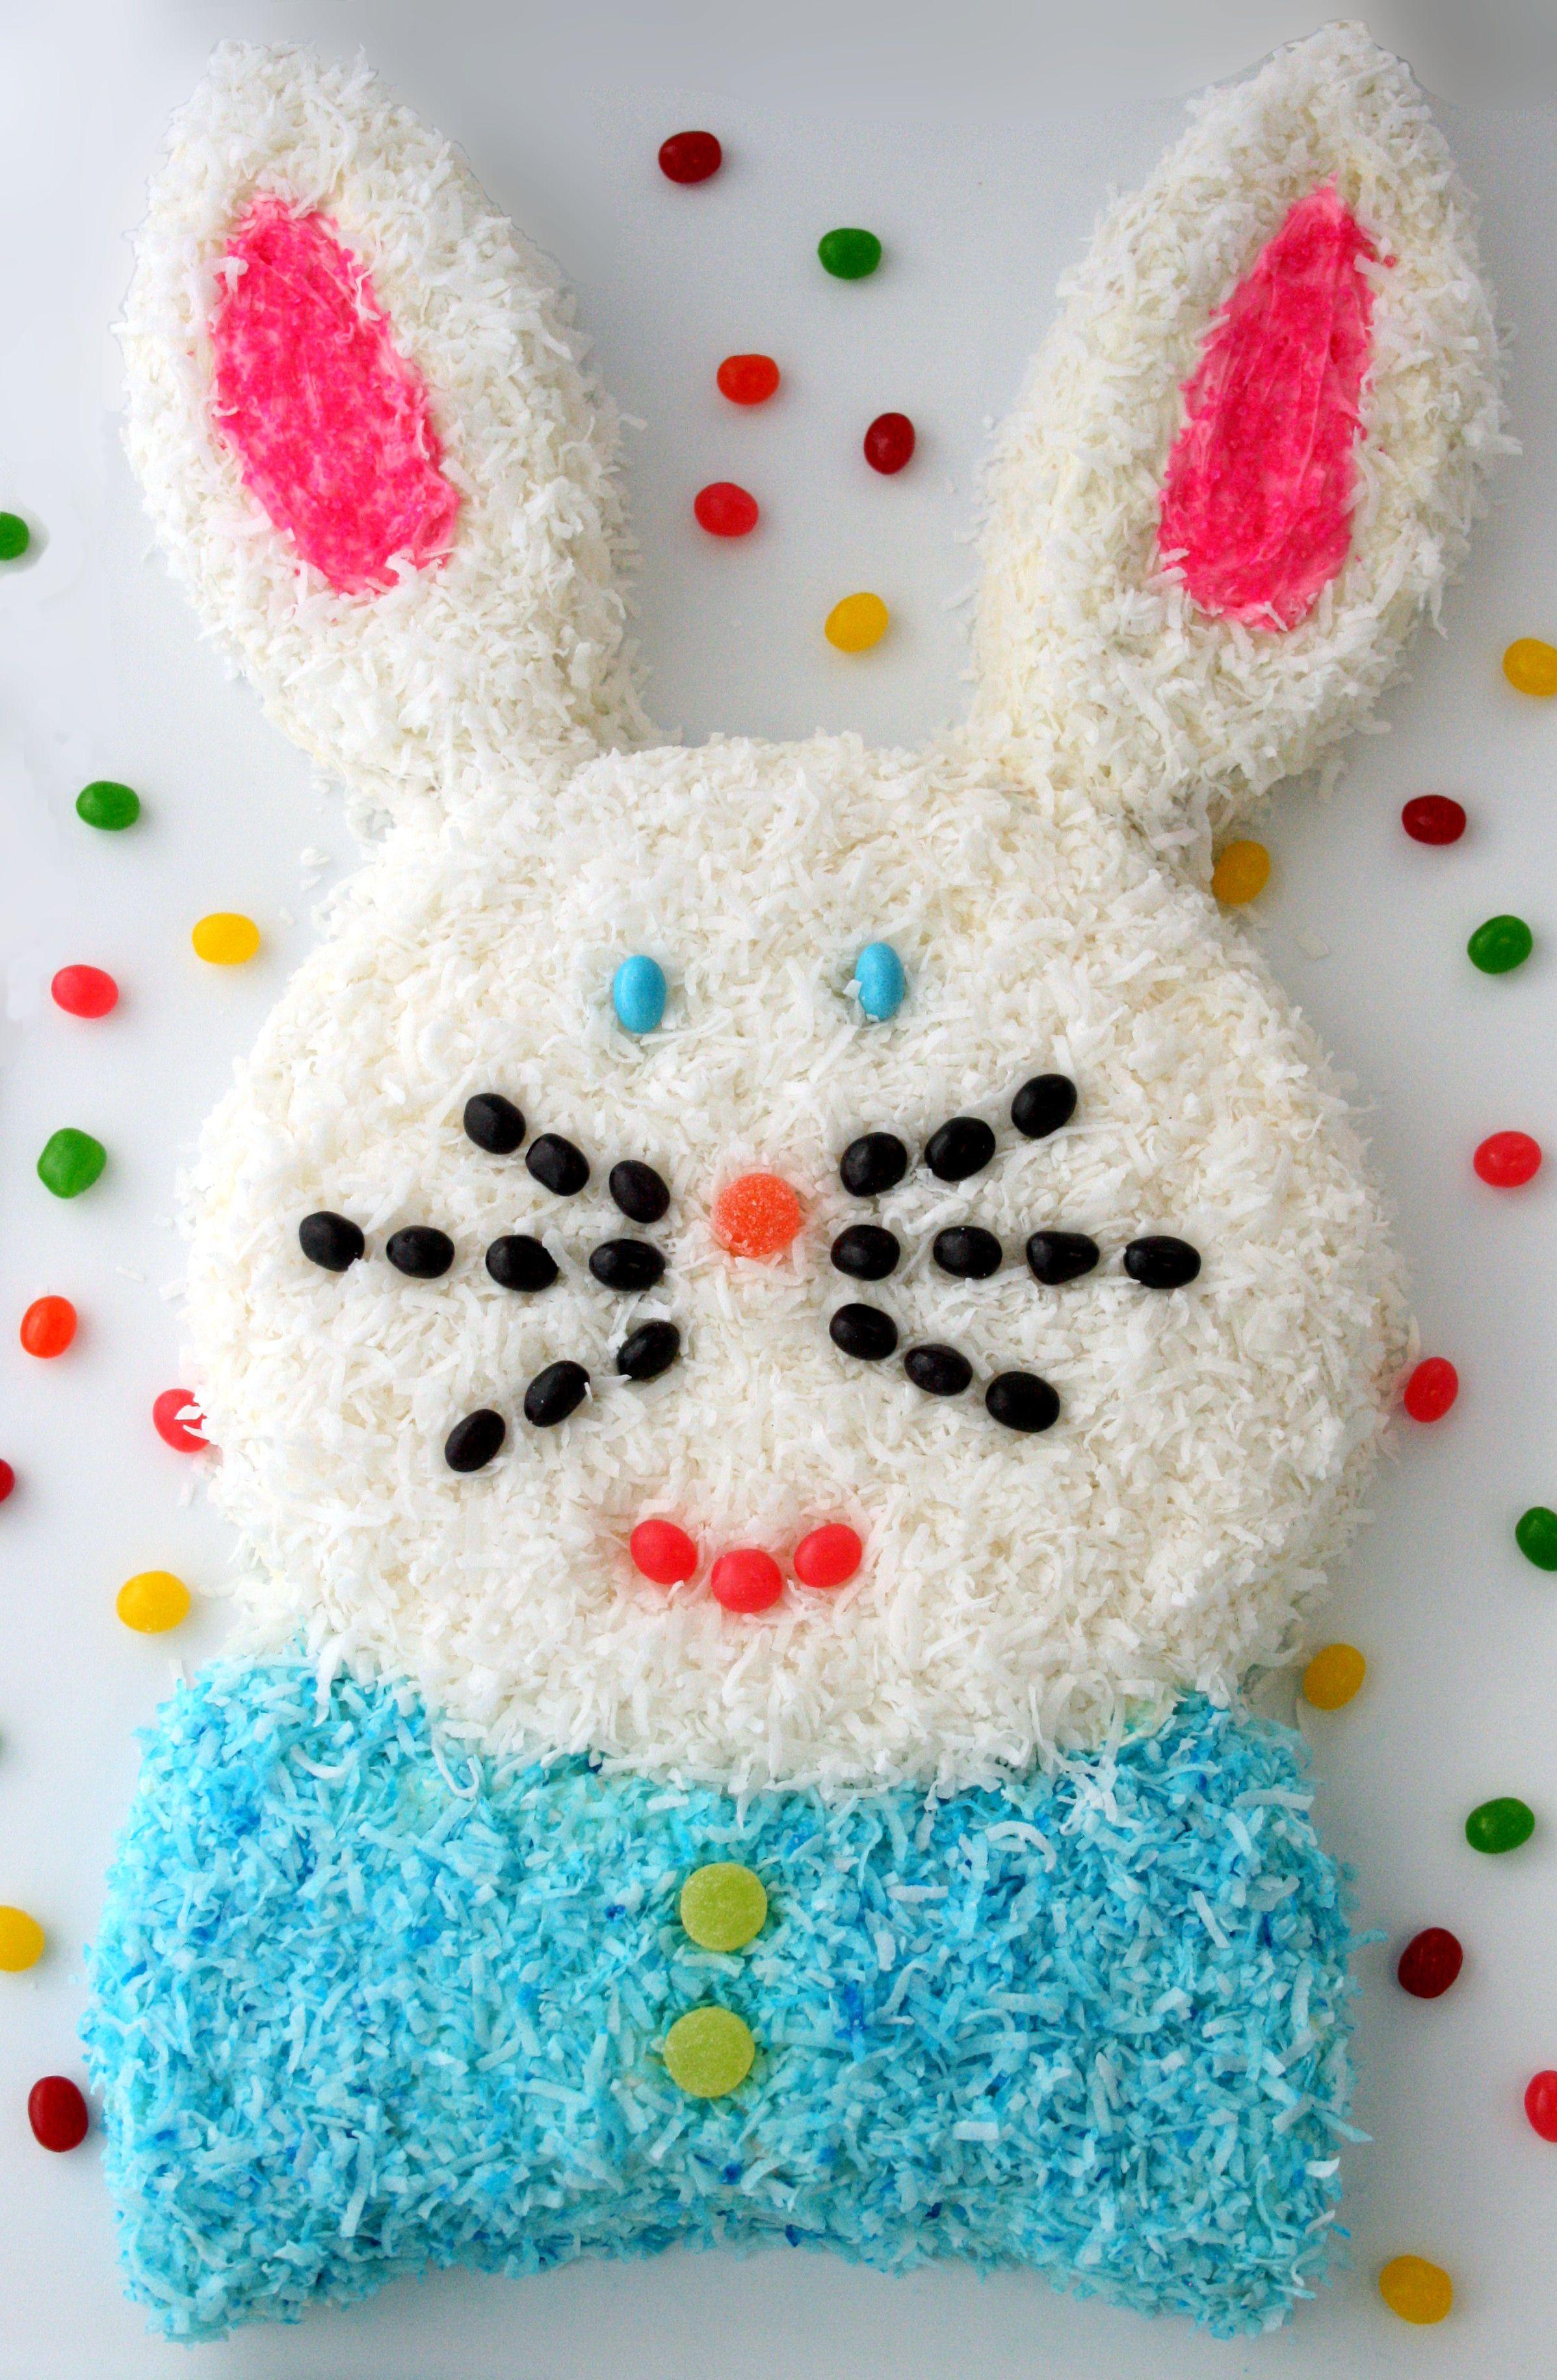 pastel de conejo de pascua pasteles conejito pascua golosinas huevos de pascua pascua ortodoxa pasteles para hacer recetas de pascua postres de - Electrodomesticos Pascua